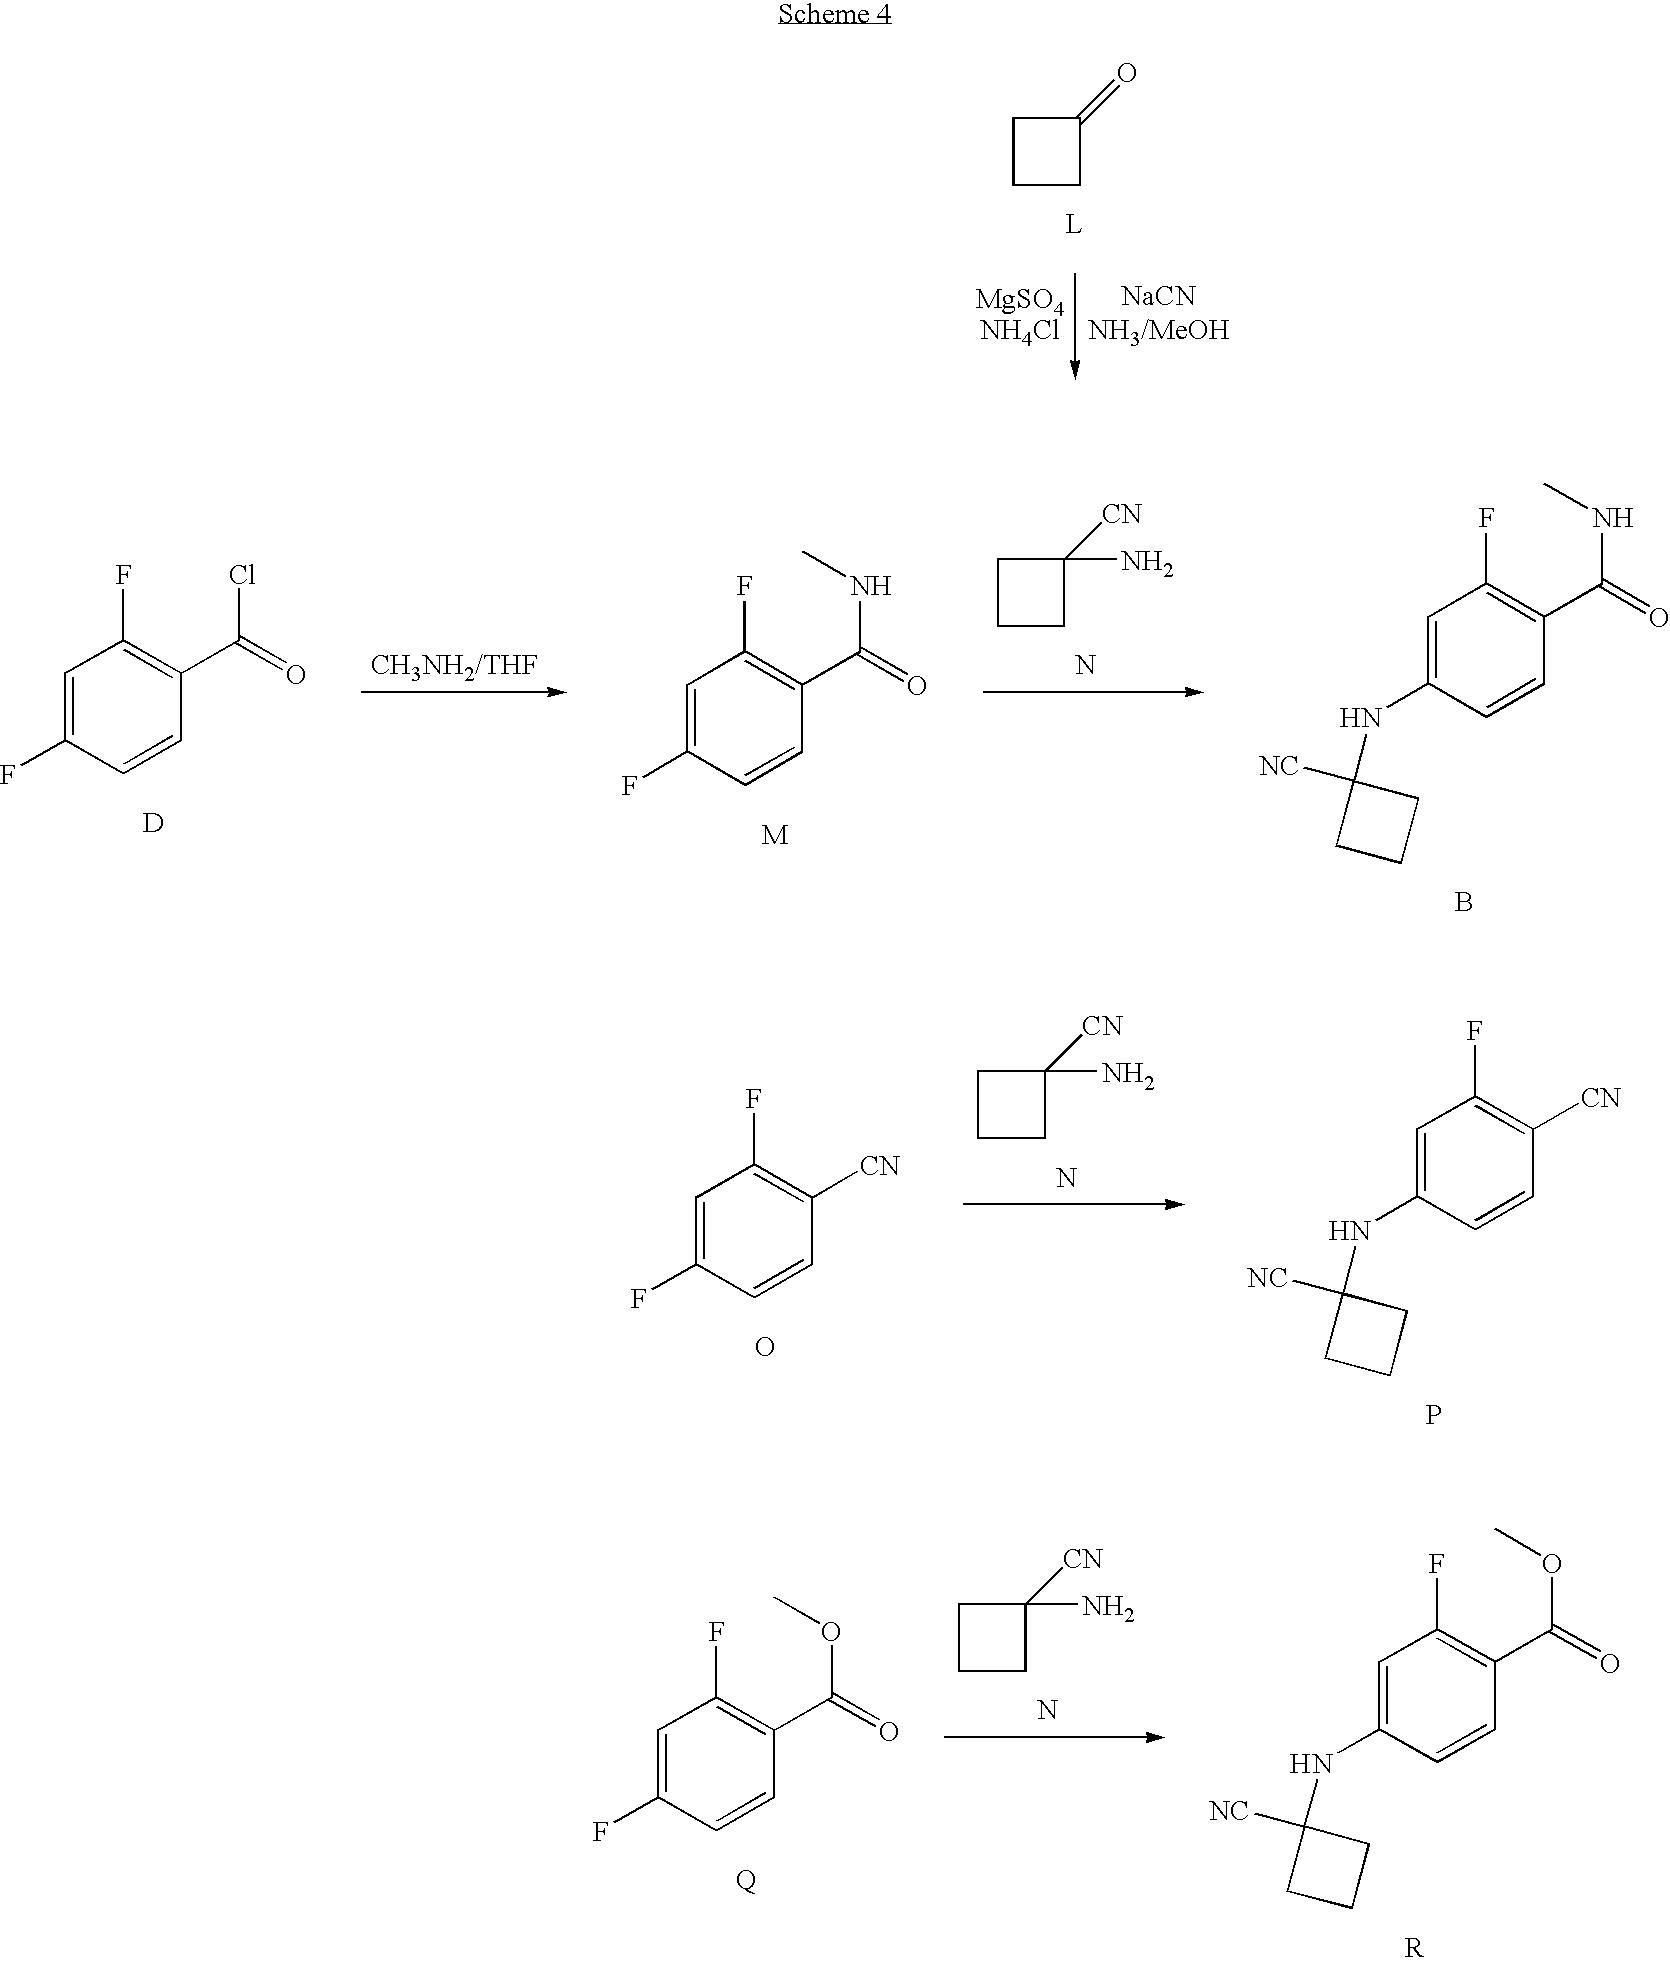 Figure US20100190991A1-20100729-C00121